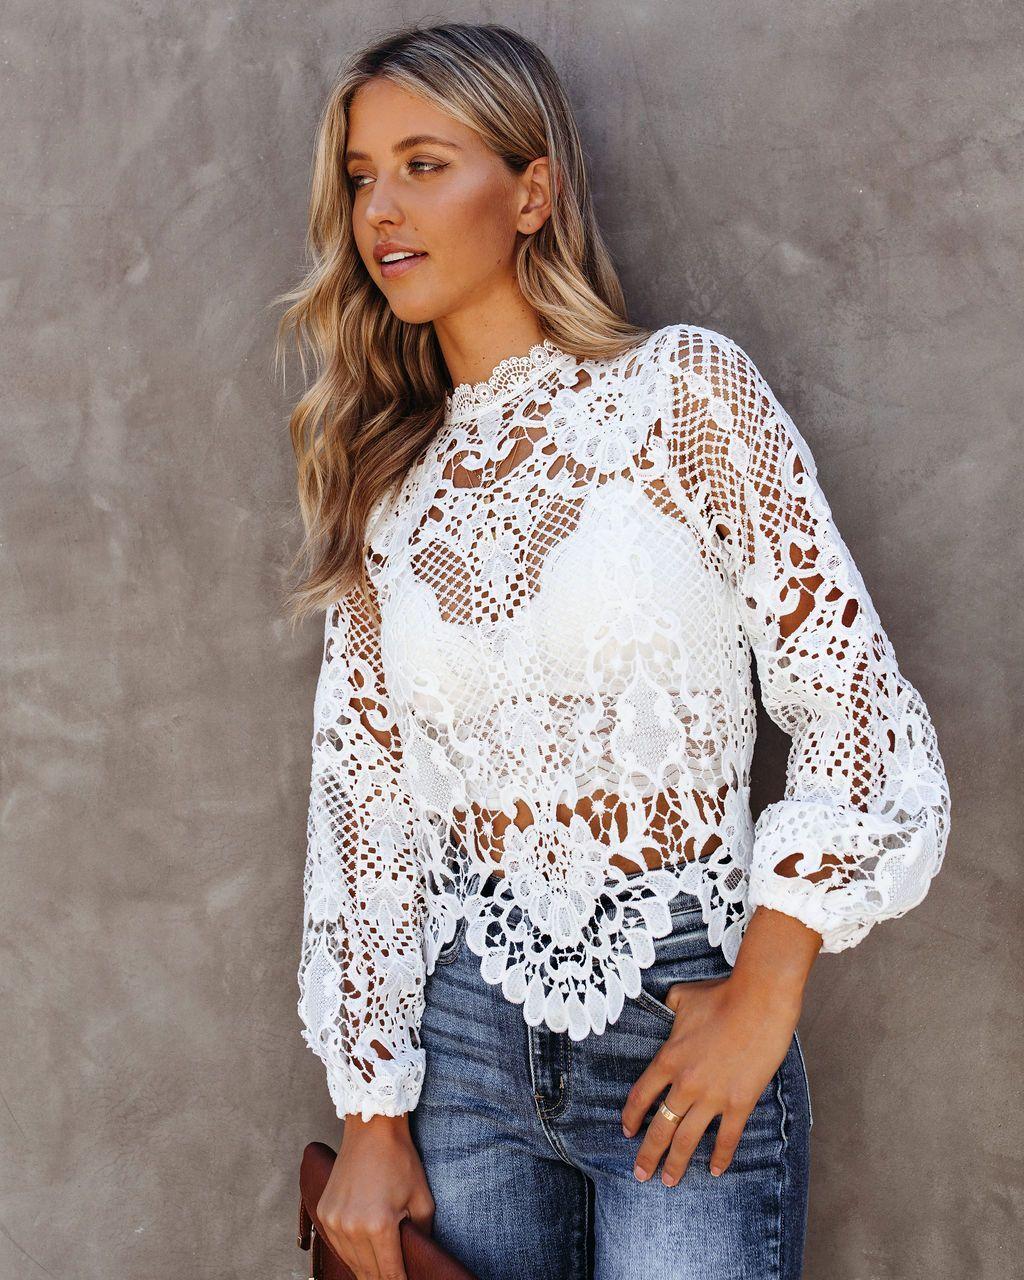 Londyn Crochet Lace Blouse Ivory Crochet Blouse Outfit Crochet Lace Top Lace Shirt Outfit